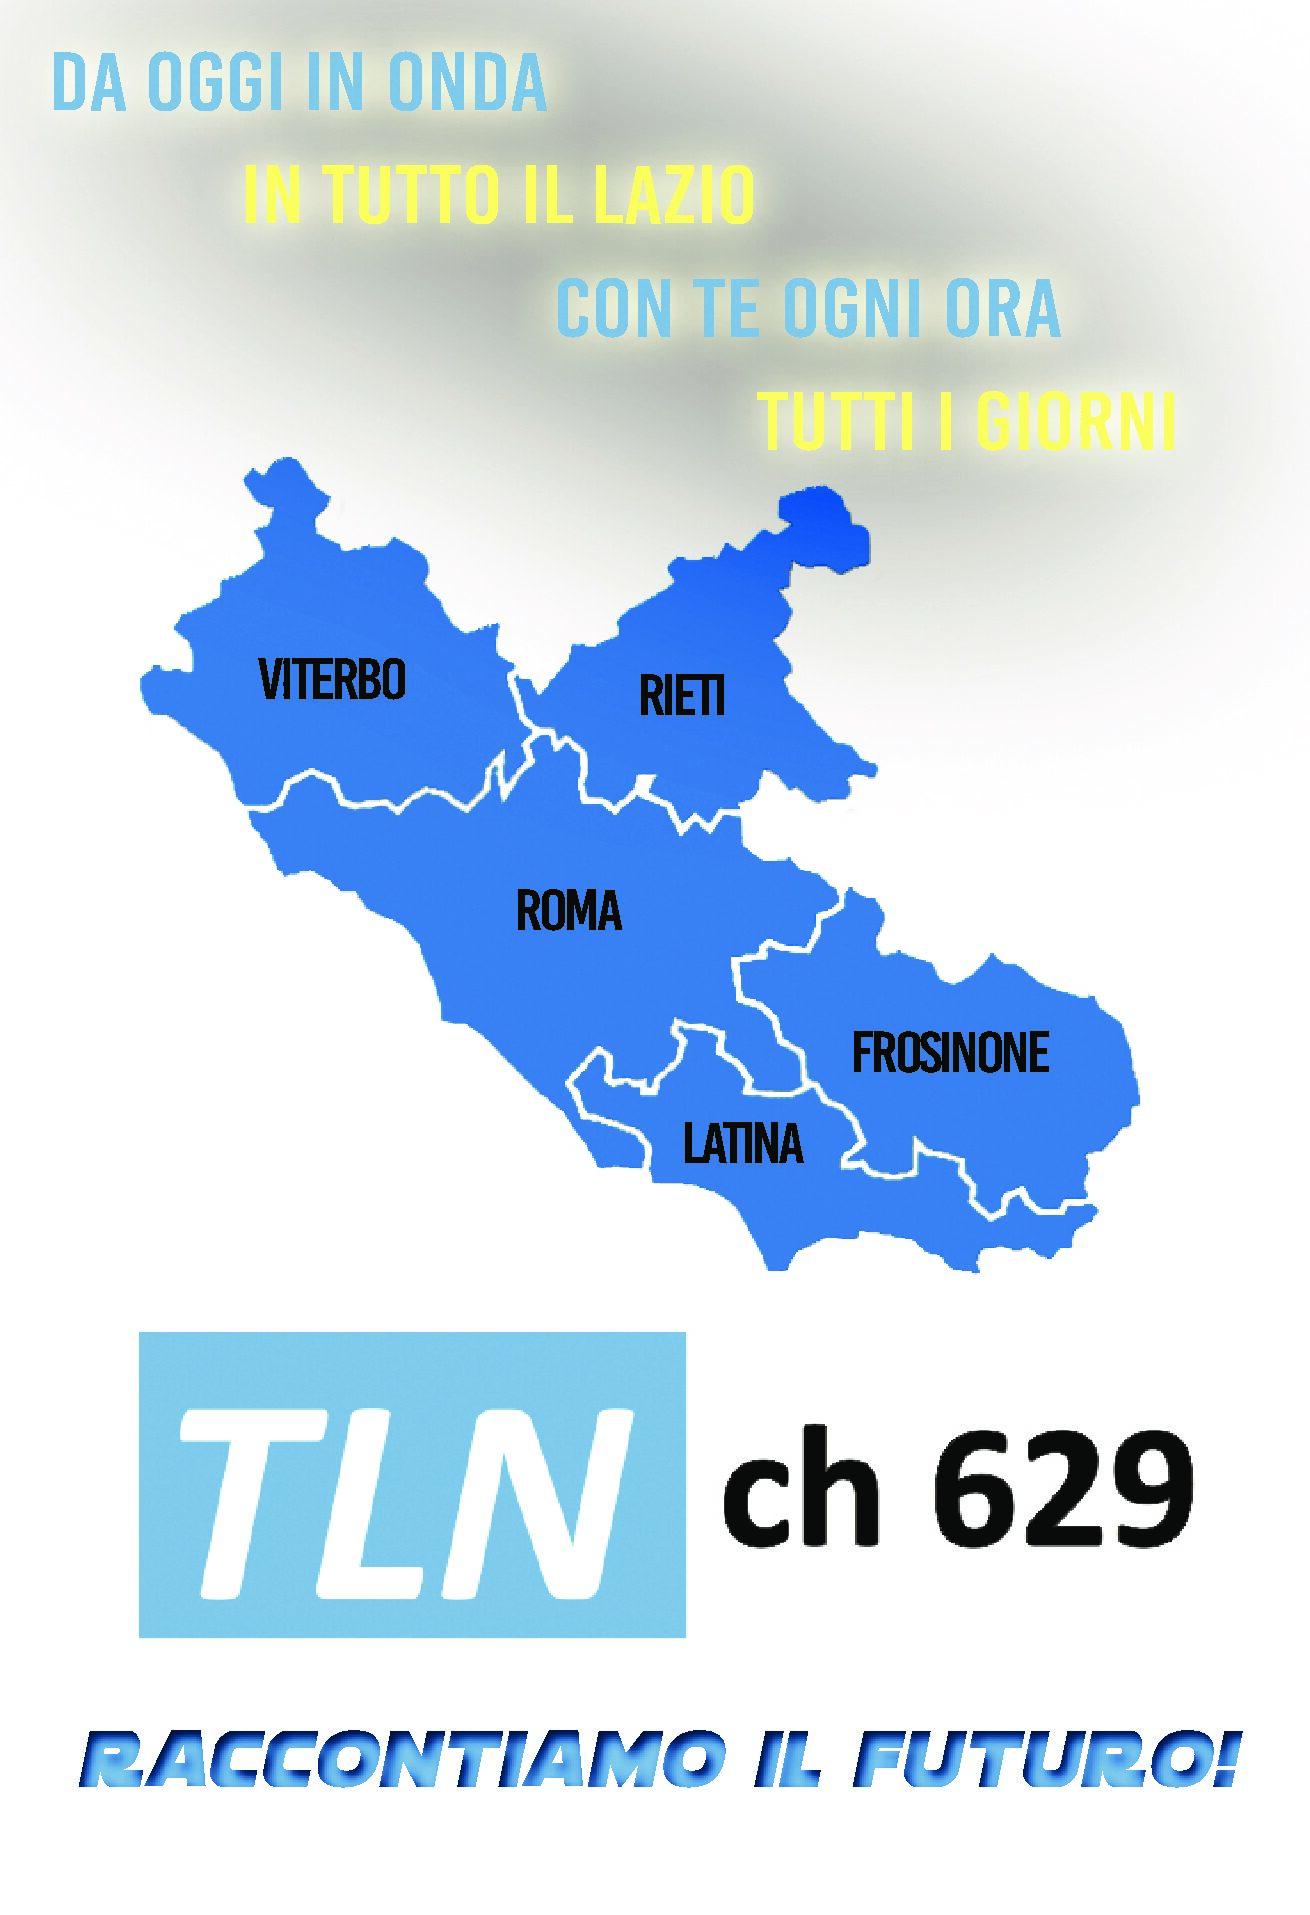 TLN  DA OGGI IN TUTTO IL LAZIO SUL 629